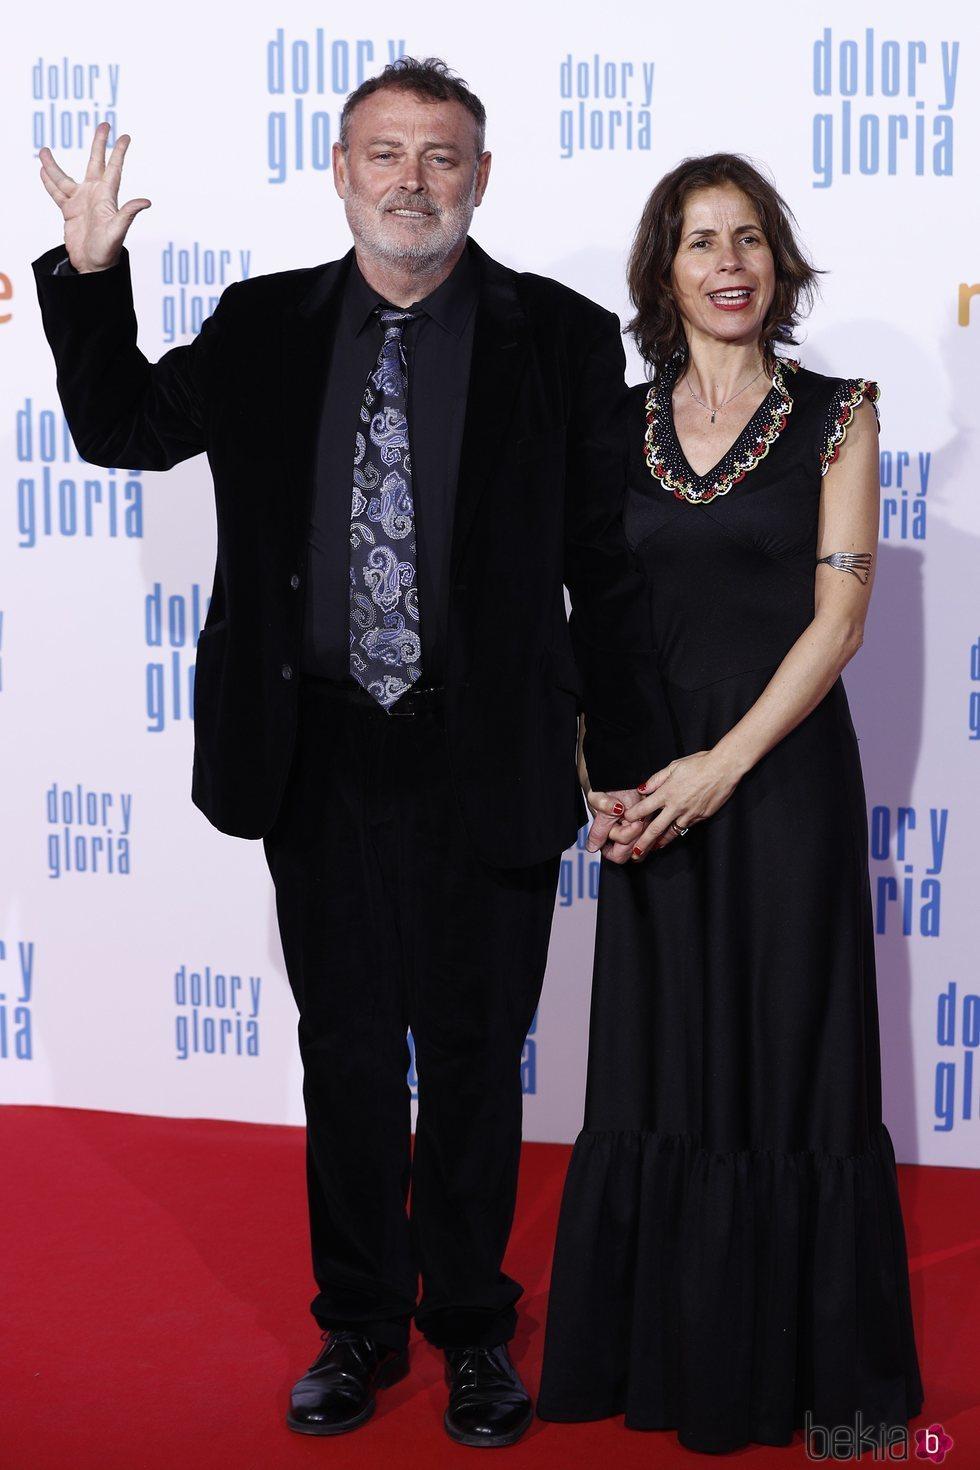 Pablo Carbonell y María Arellano  en la alfombra roja de 'Dolor y gloria'